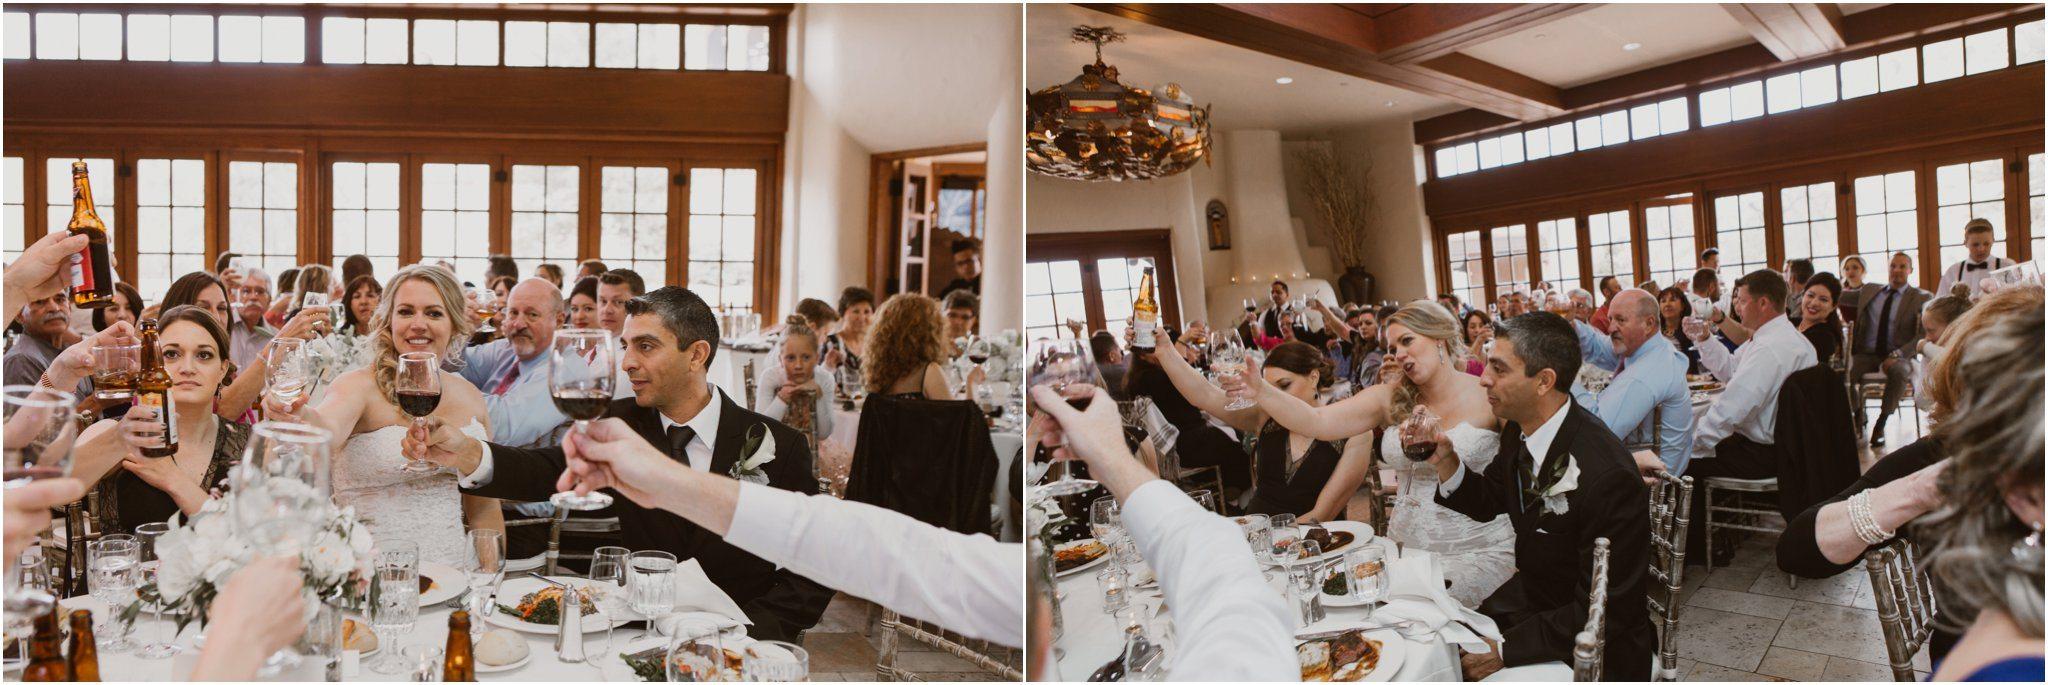 0033Albuquerque _ Santa Fe _ Wedding Photographers _ New Mexico Wedding Photography